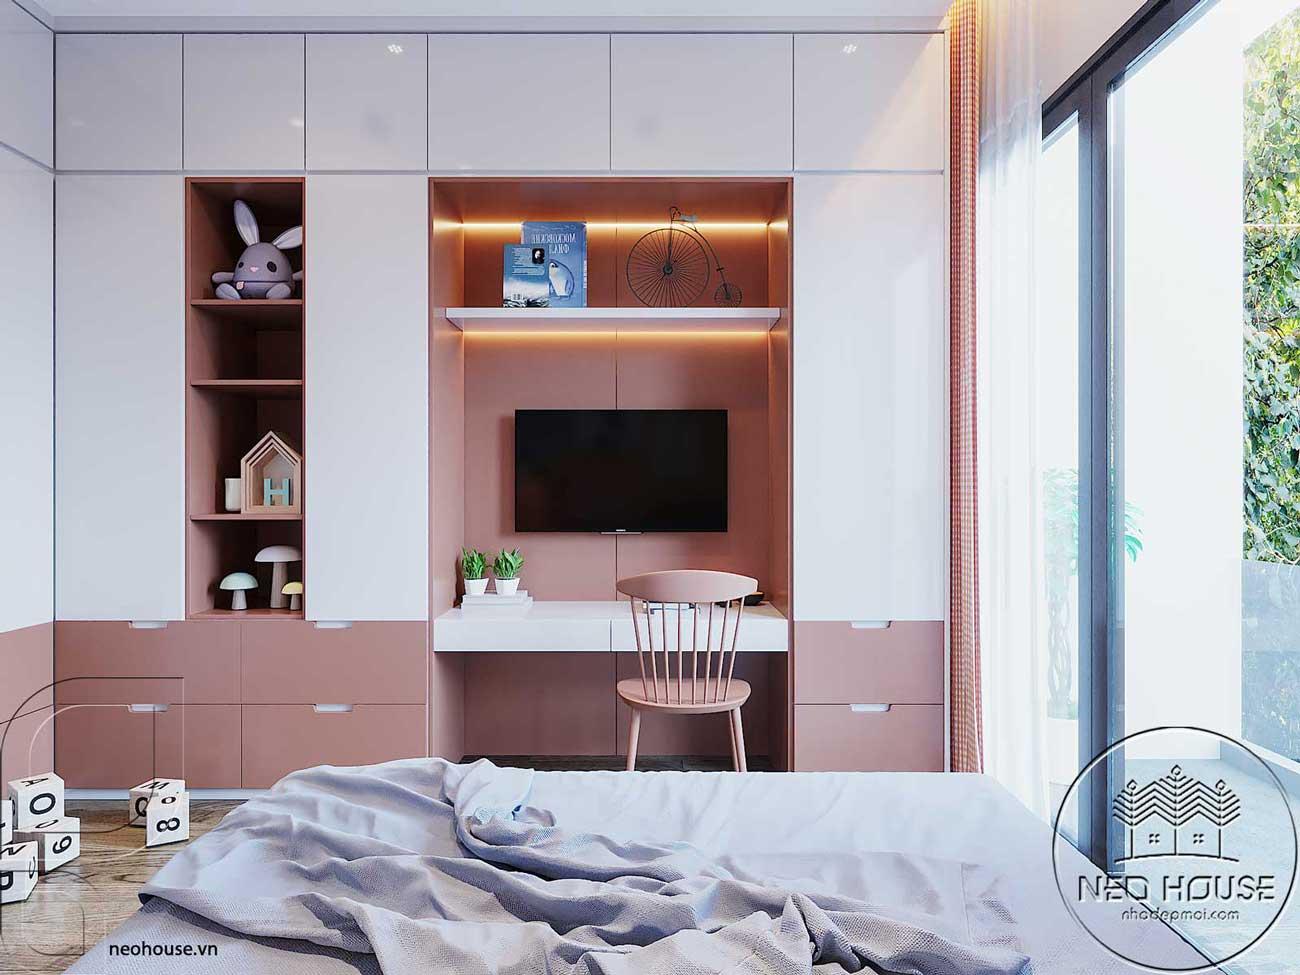 Thiết kế nội thất phòng ngủ hiện đại. Ảnh 6